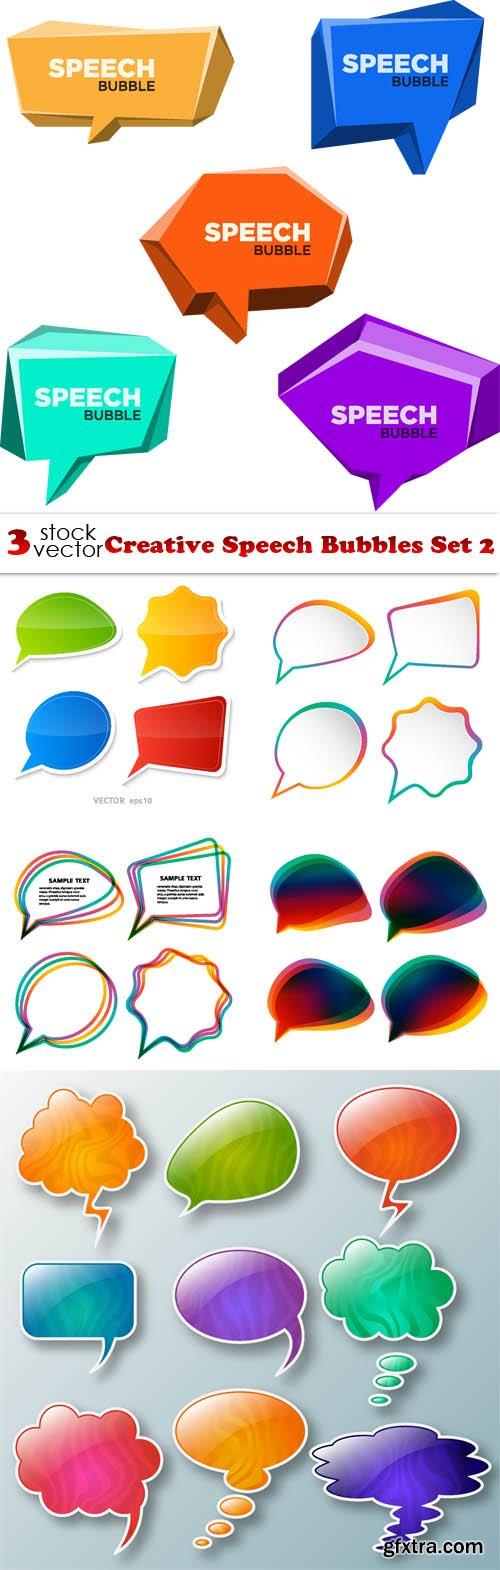 Vectors - Creative Speech Bubbles Set 2